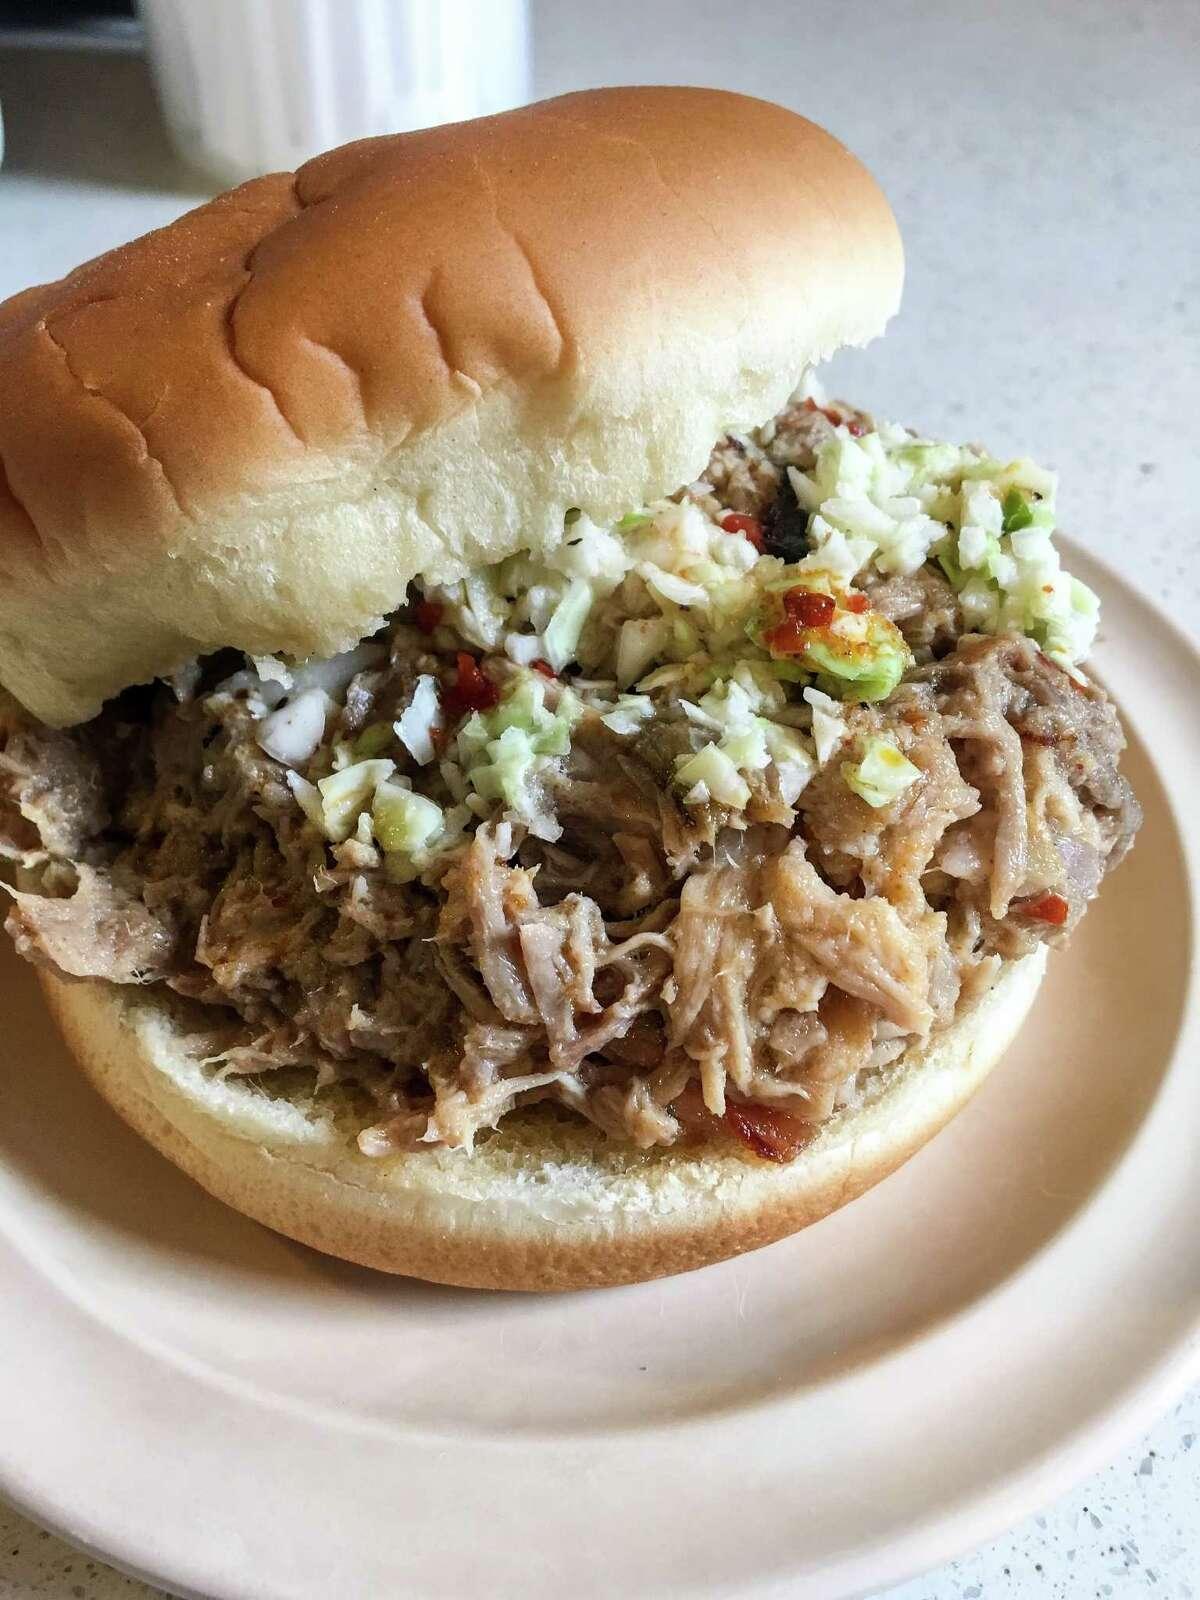 Chopped pork sandwich atAllen & Son Bar-B-Que, Pittsboro, N.C.